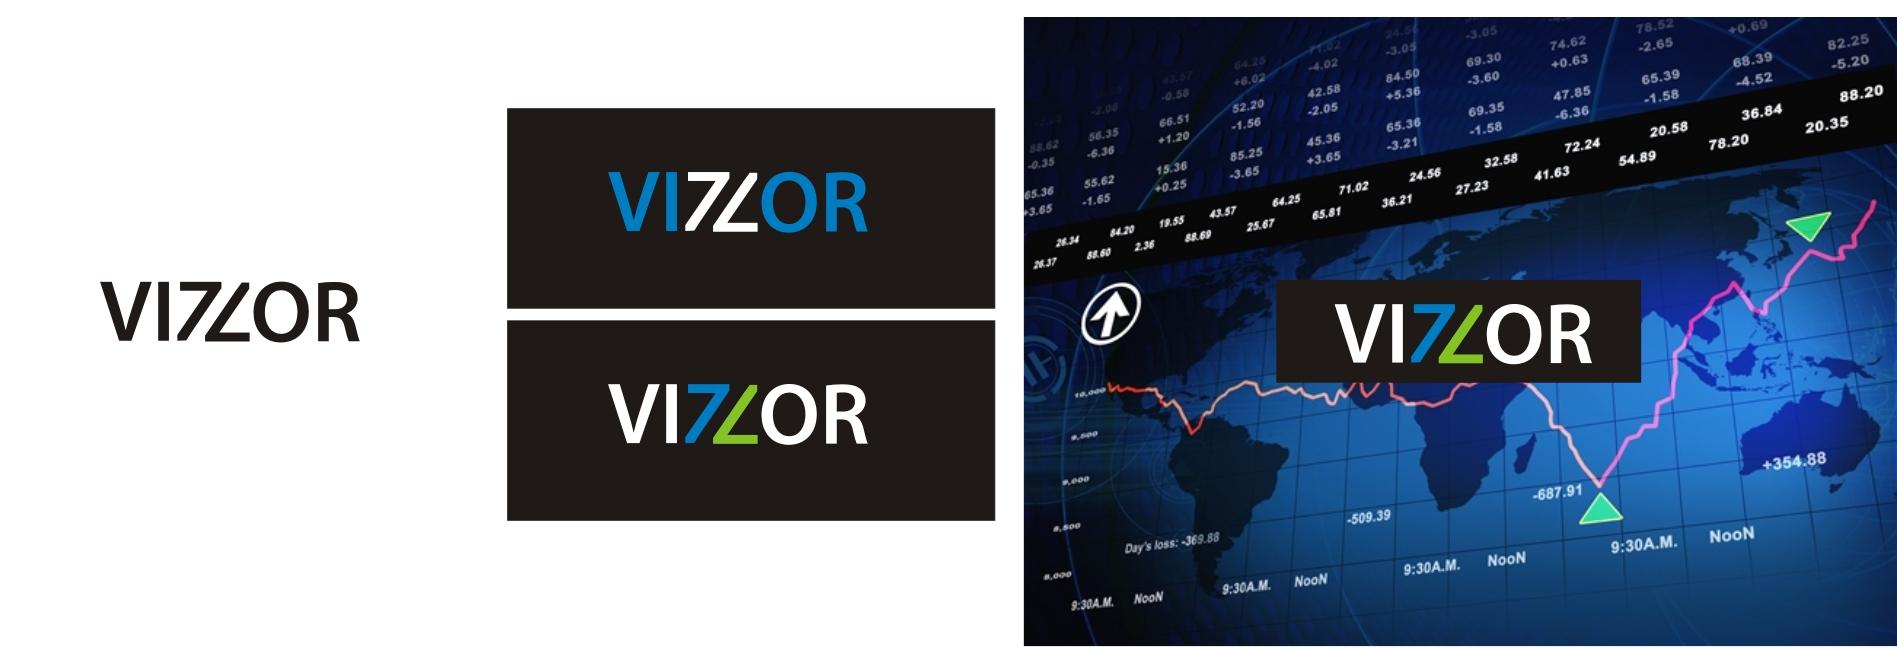 """Логотип """"VIZZOR"""" (биржа)"""